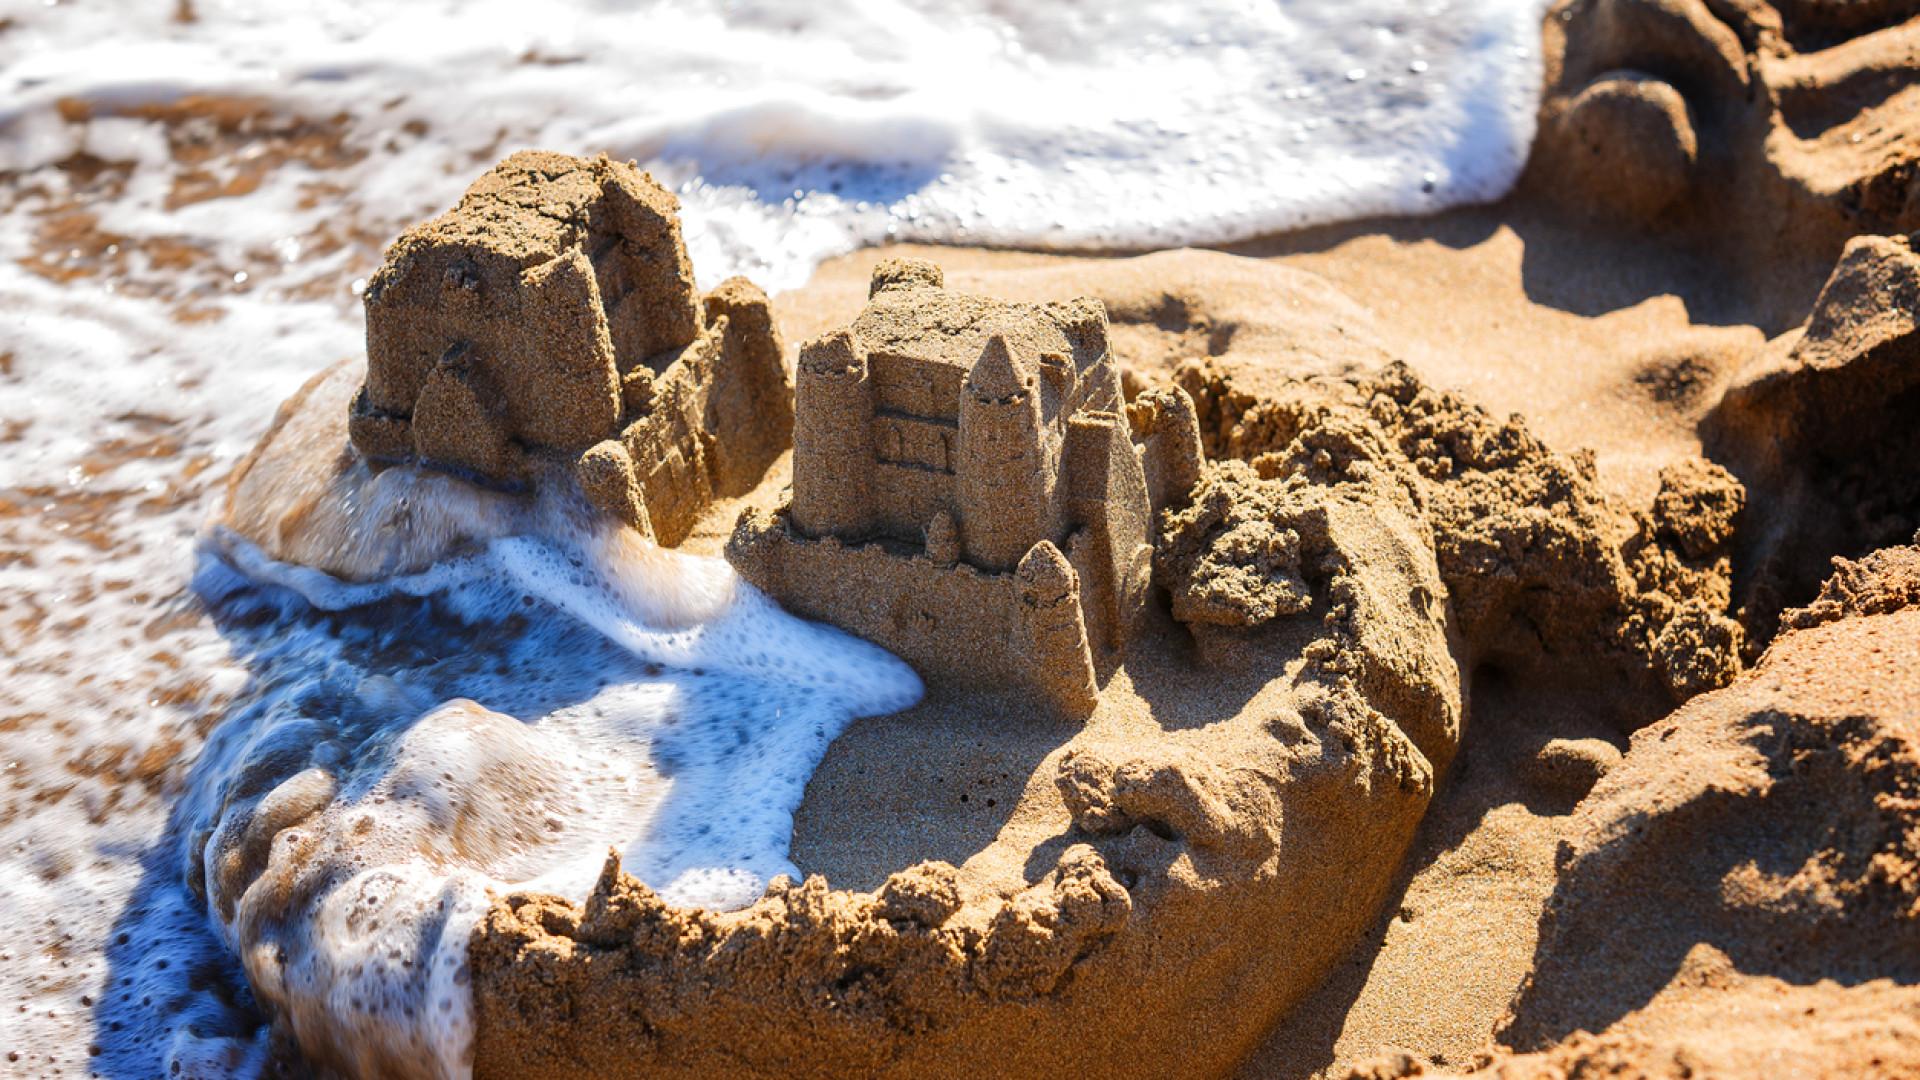 Miguel esvaziou o oceano para poder fazer castelos na areia. E agora?